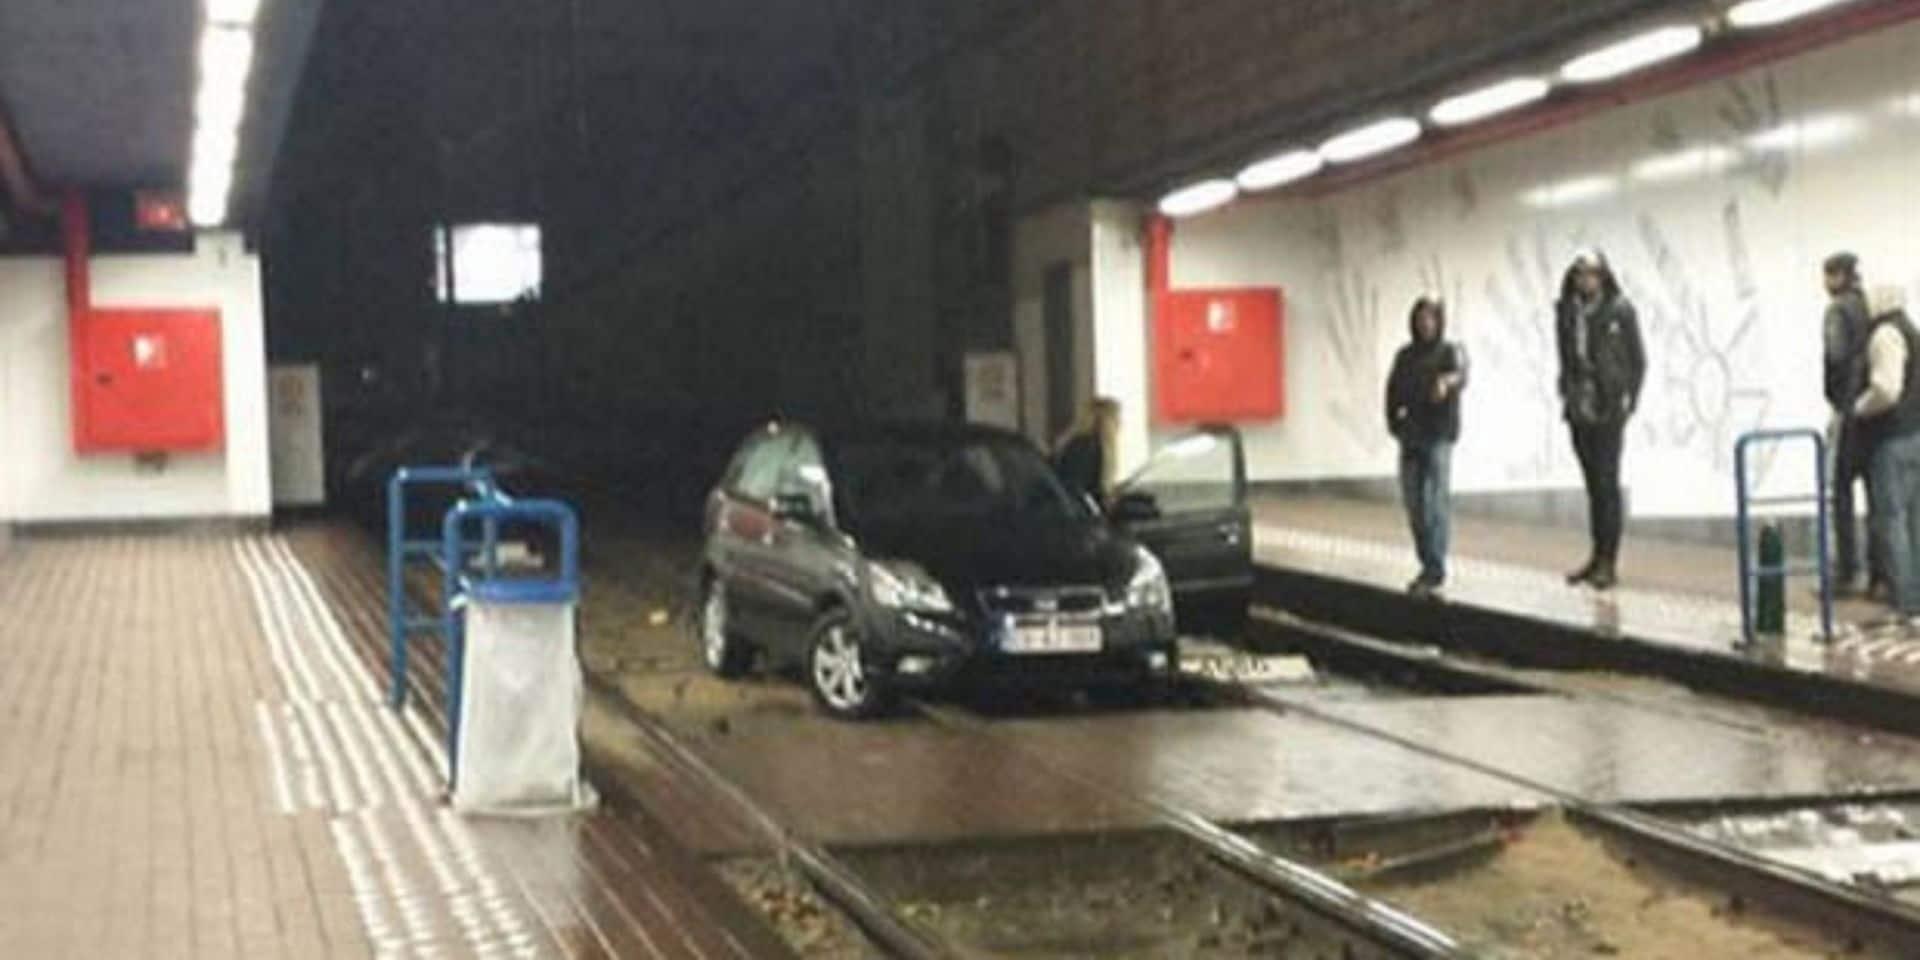 Il avait atterri sur les rails de la station Lemonnier, en voiture: amende salée pour le conducteur